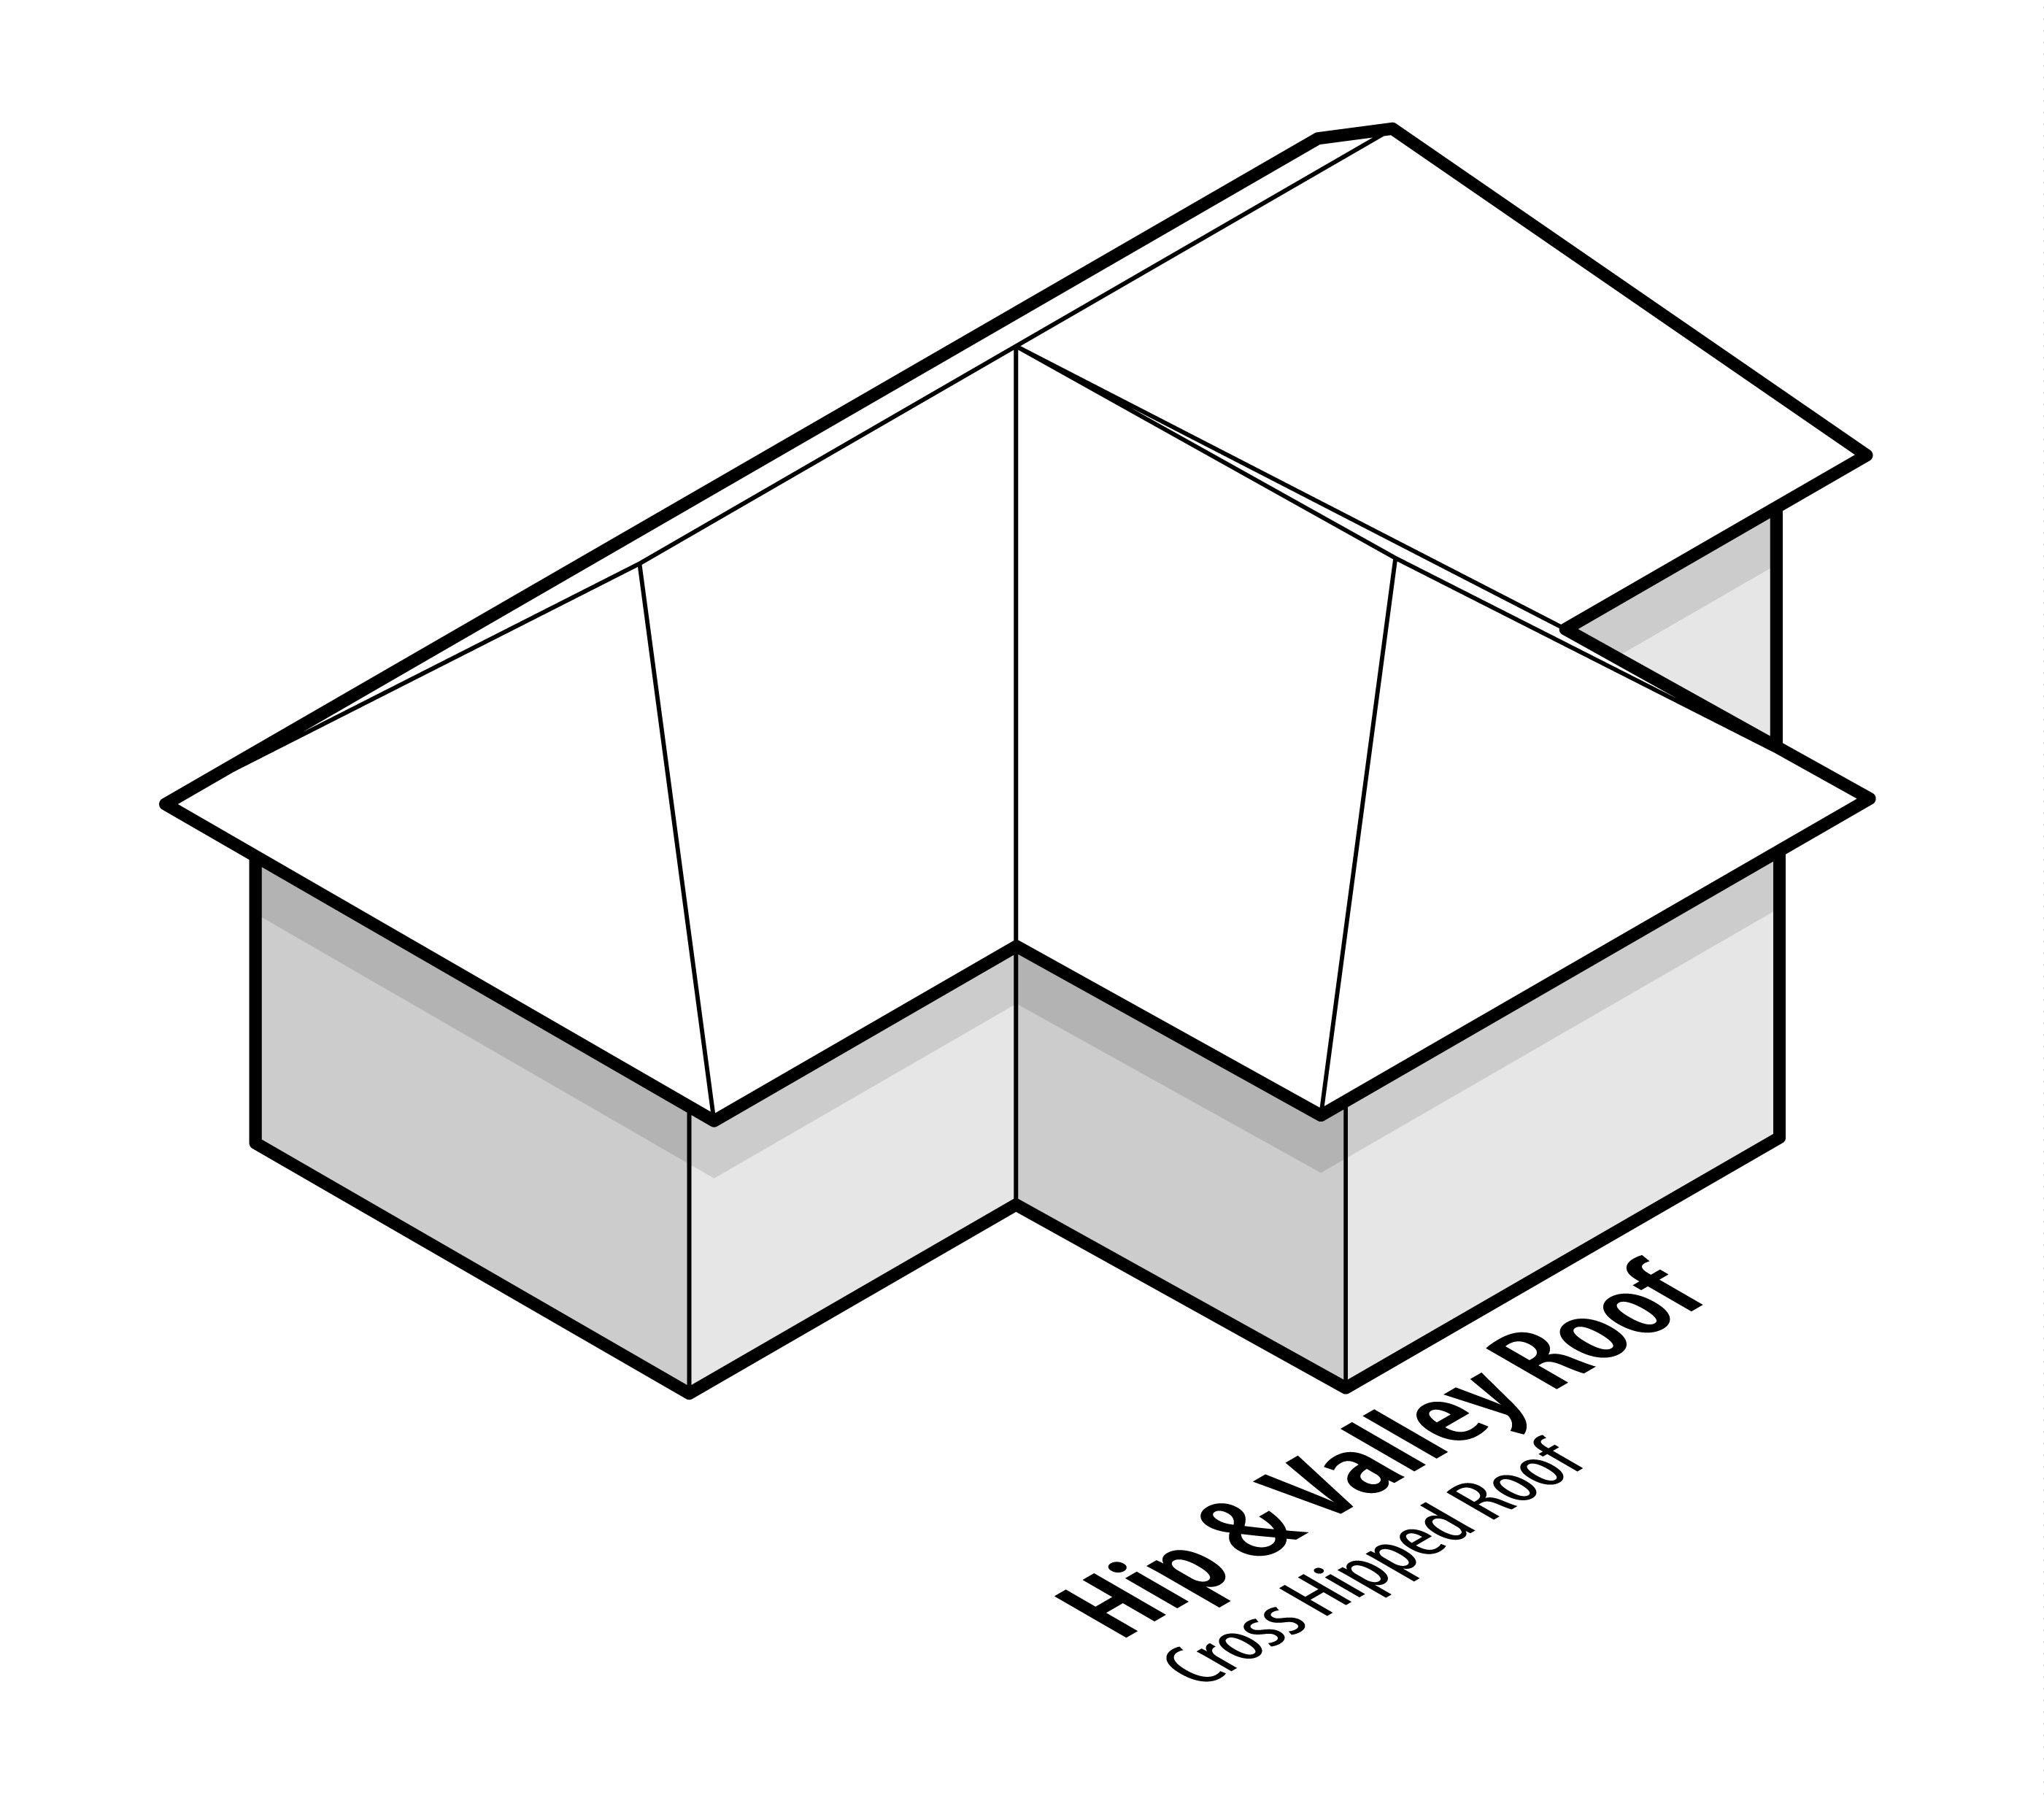 Hufte Tal Dach Kreuz Walmdach Roof Design Hip Roof Hip Roof Design